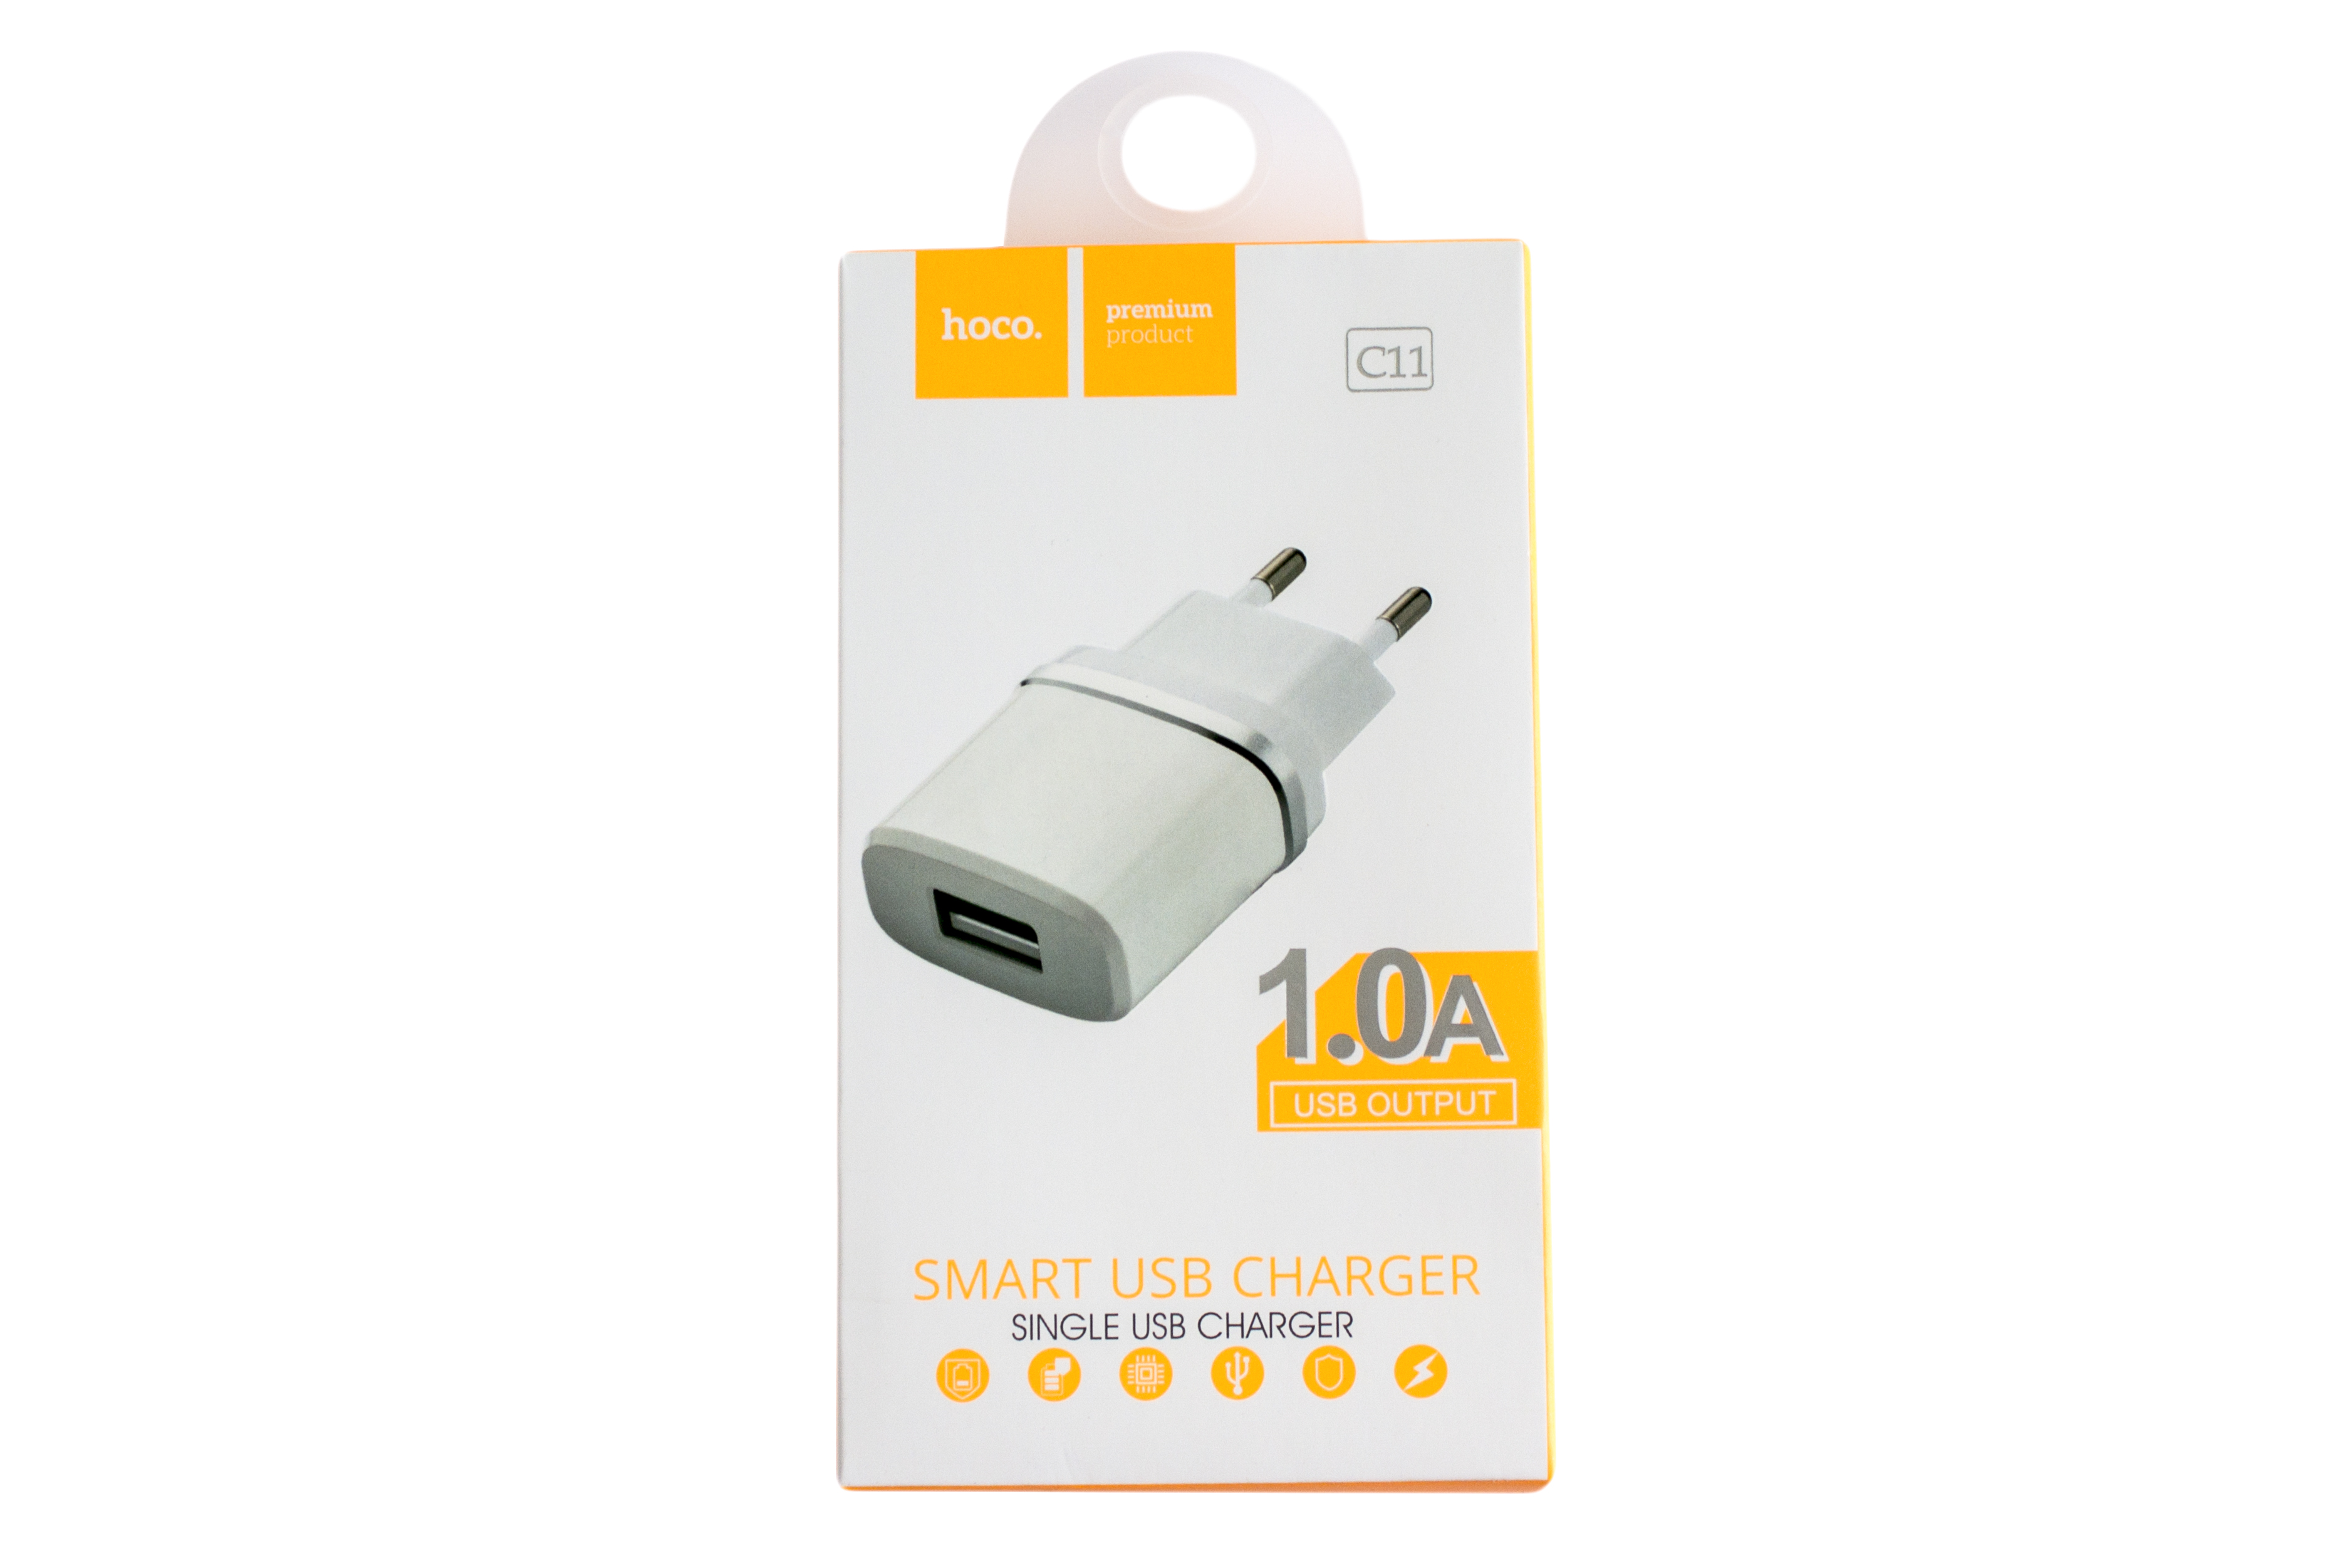 Мережевий зарядний пристрій Hoco C11 Single USB Charger 1.0A